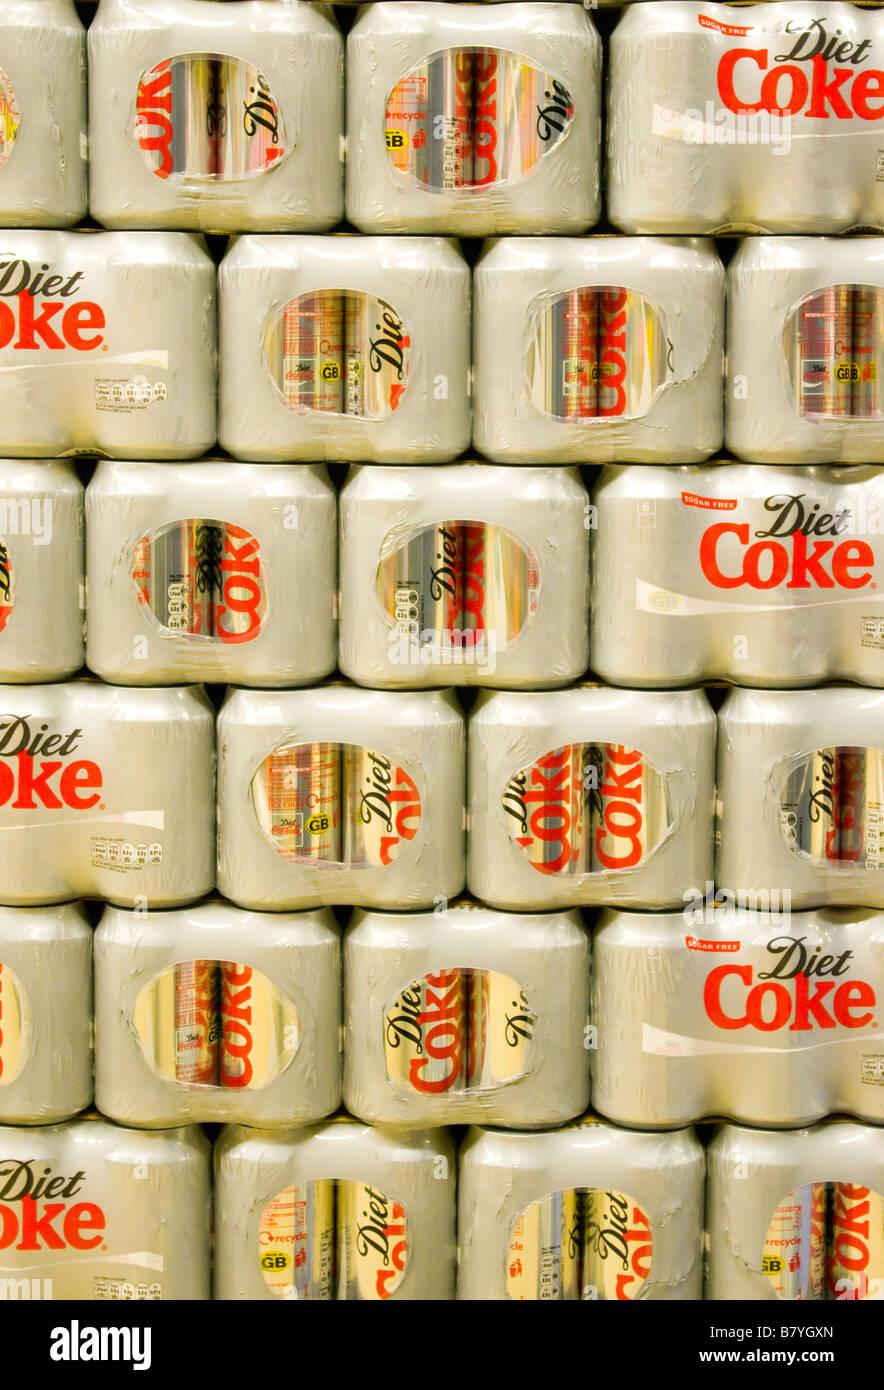 Stapel von Diät-Cola-Dosen abnehmen Getränke Stockfoto, Bild ...